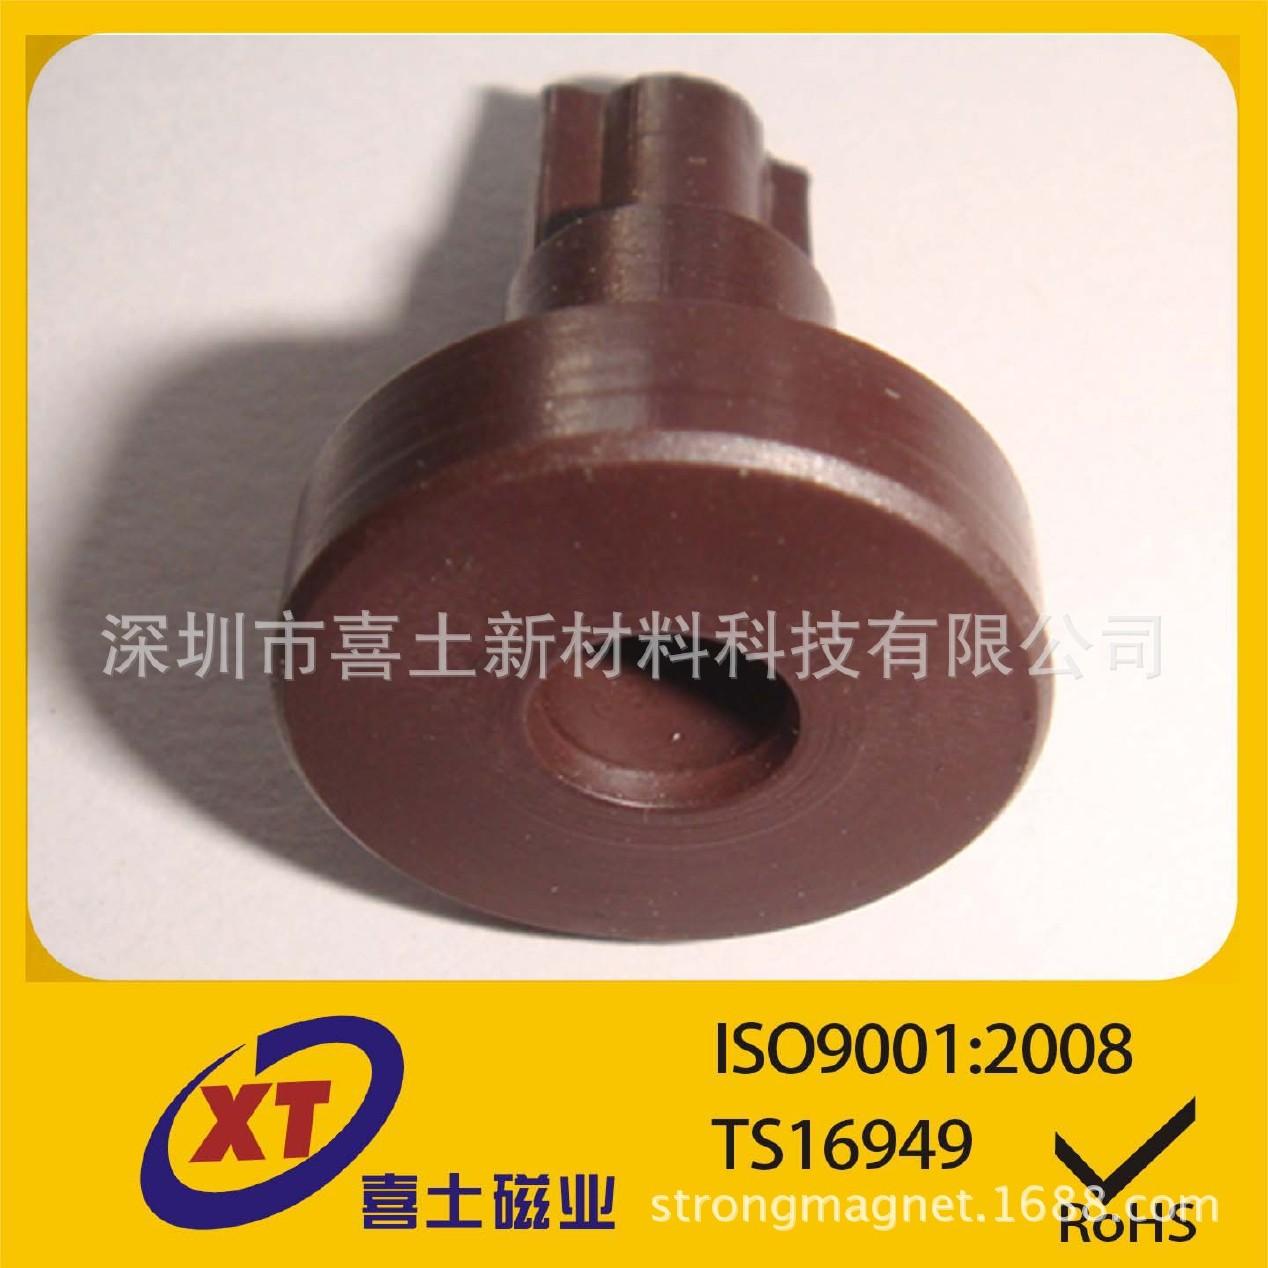 供应注塑磁铁 汽车速度传感器 电机配件 感应磁铁 尼龙磁铁图片